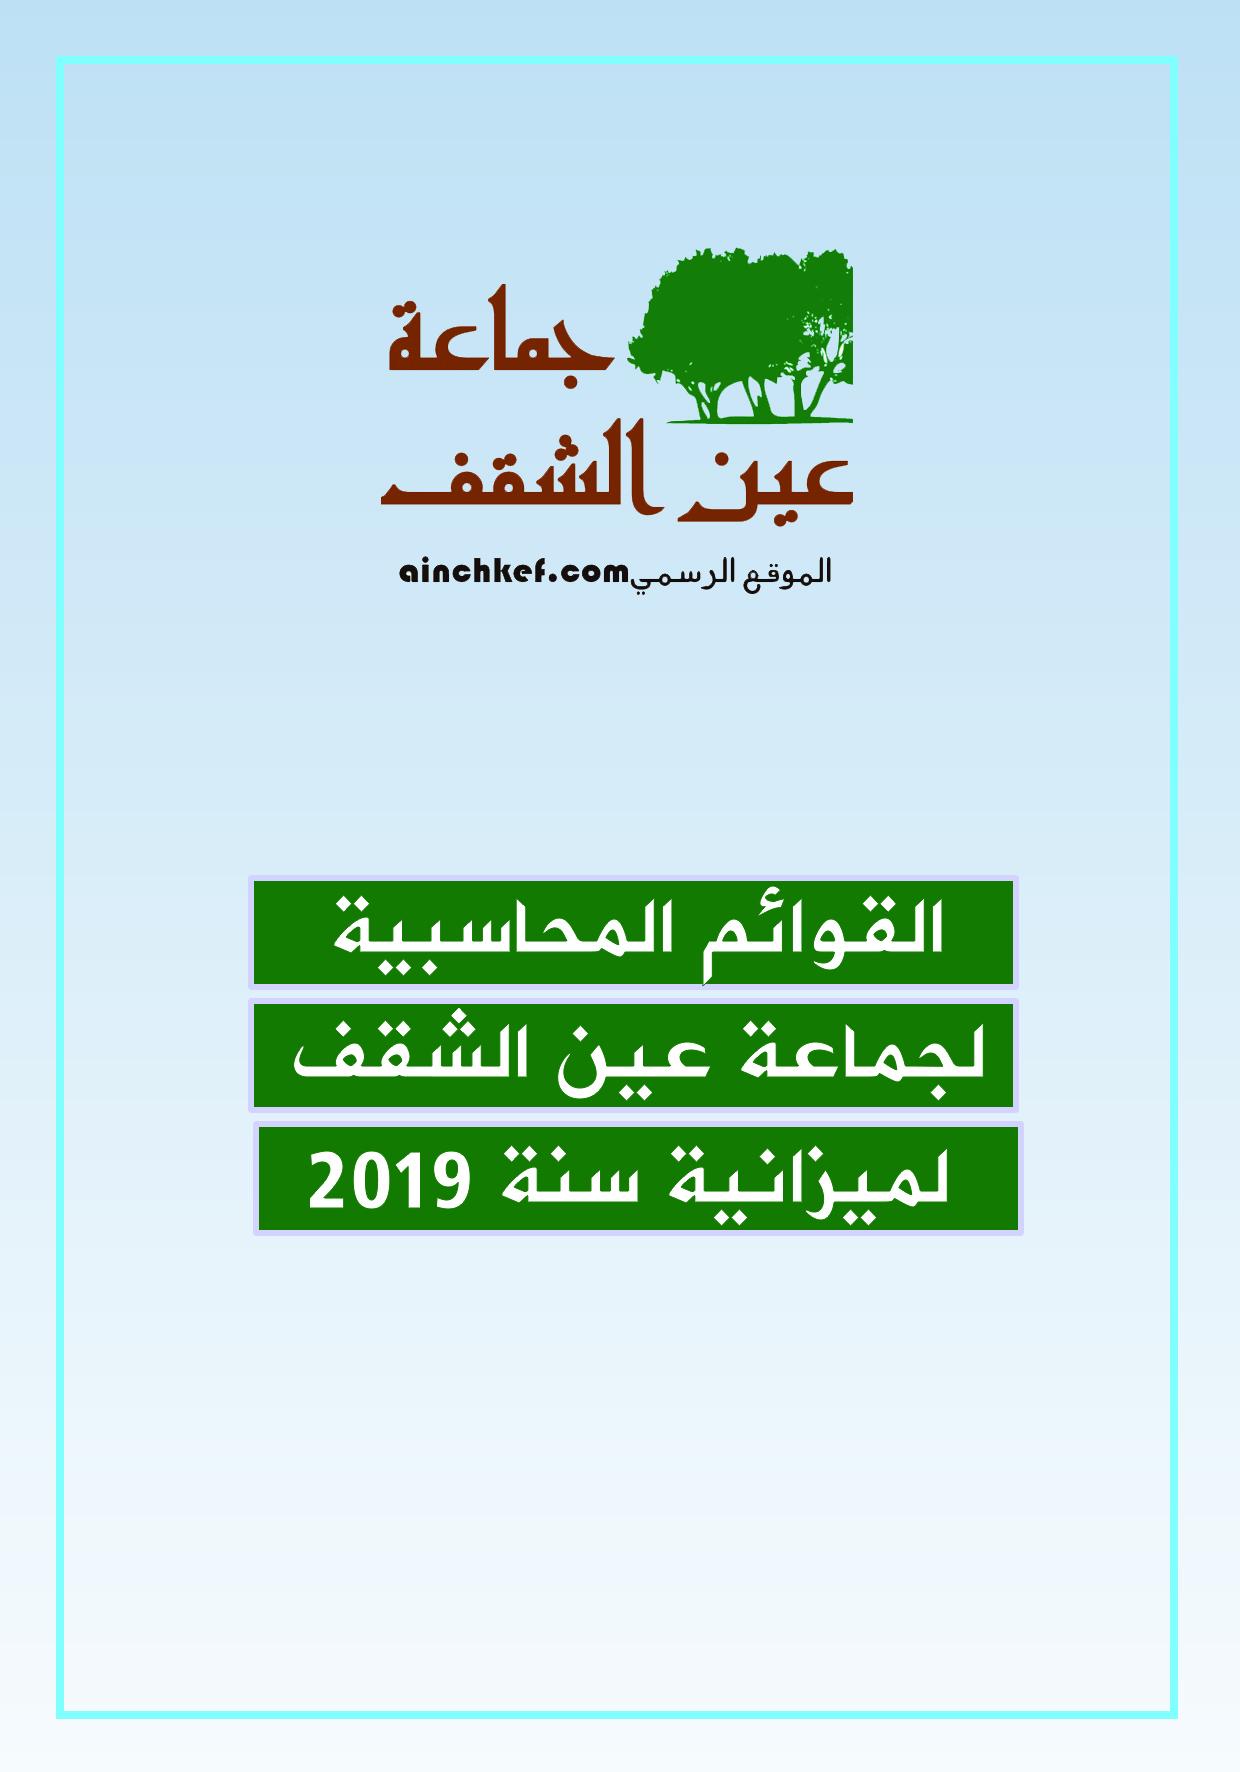 القوائم المحاسبية لجماعة عين الشقف 2019